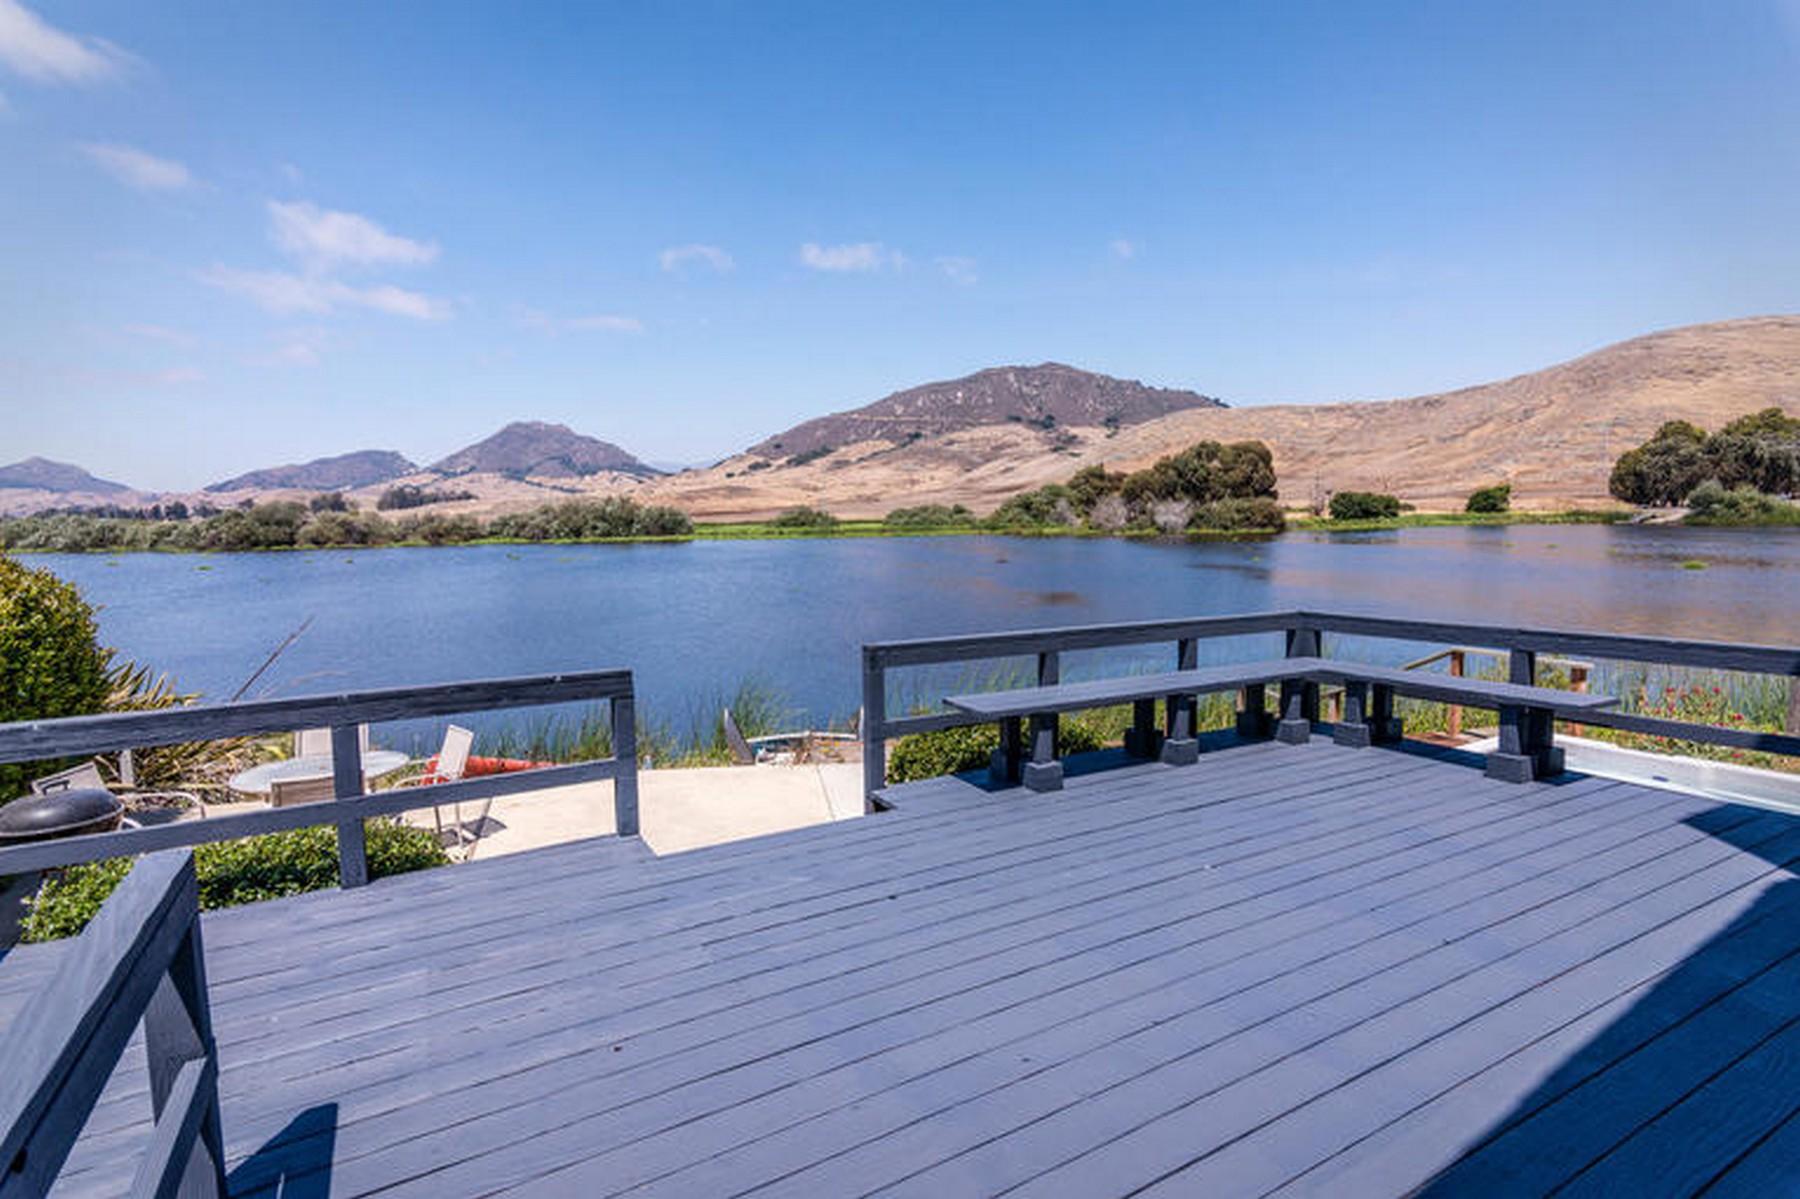 Maison unifamiliale pour l Vente à Laguna Lake Home 1320 Oceanaire Dr. San Luis Obispo, Californie 93405 États-Unis